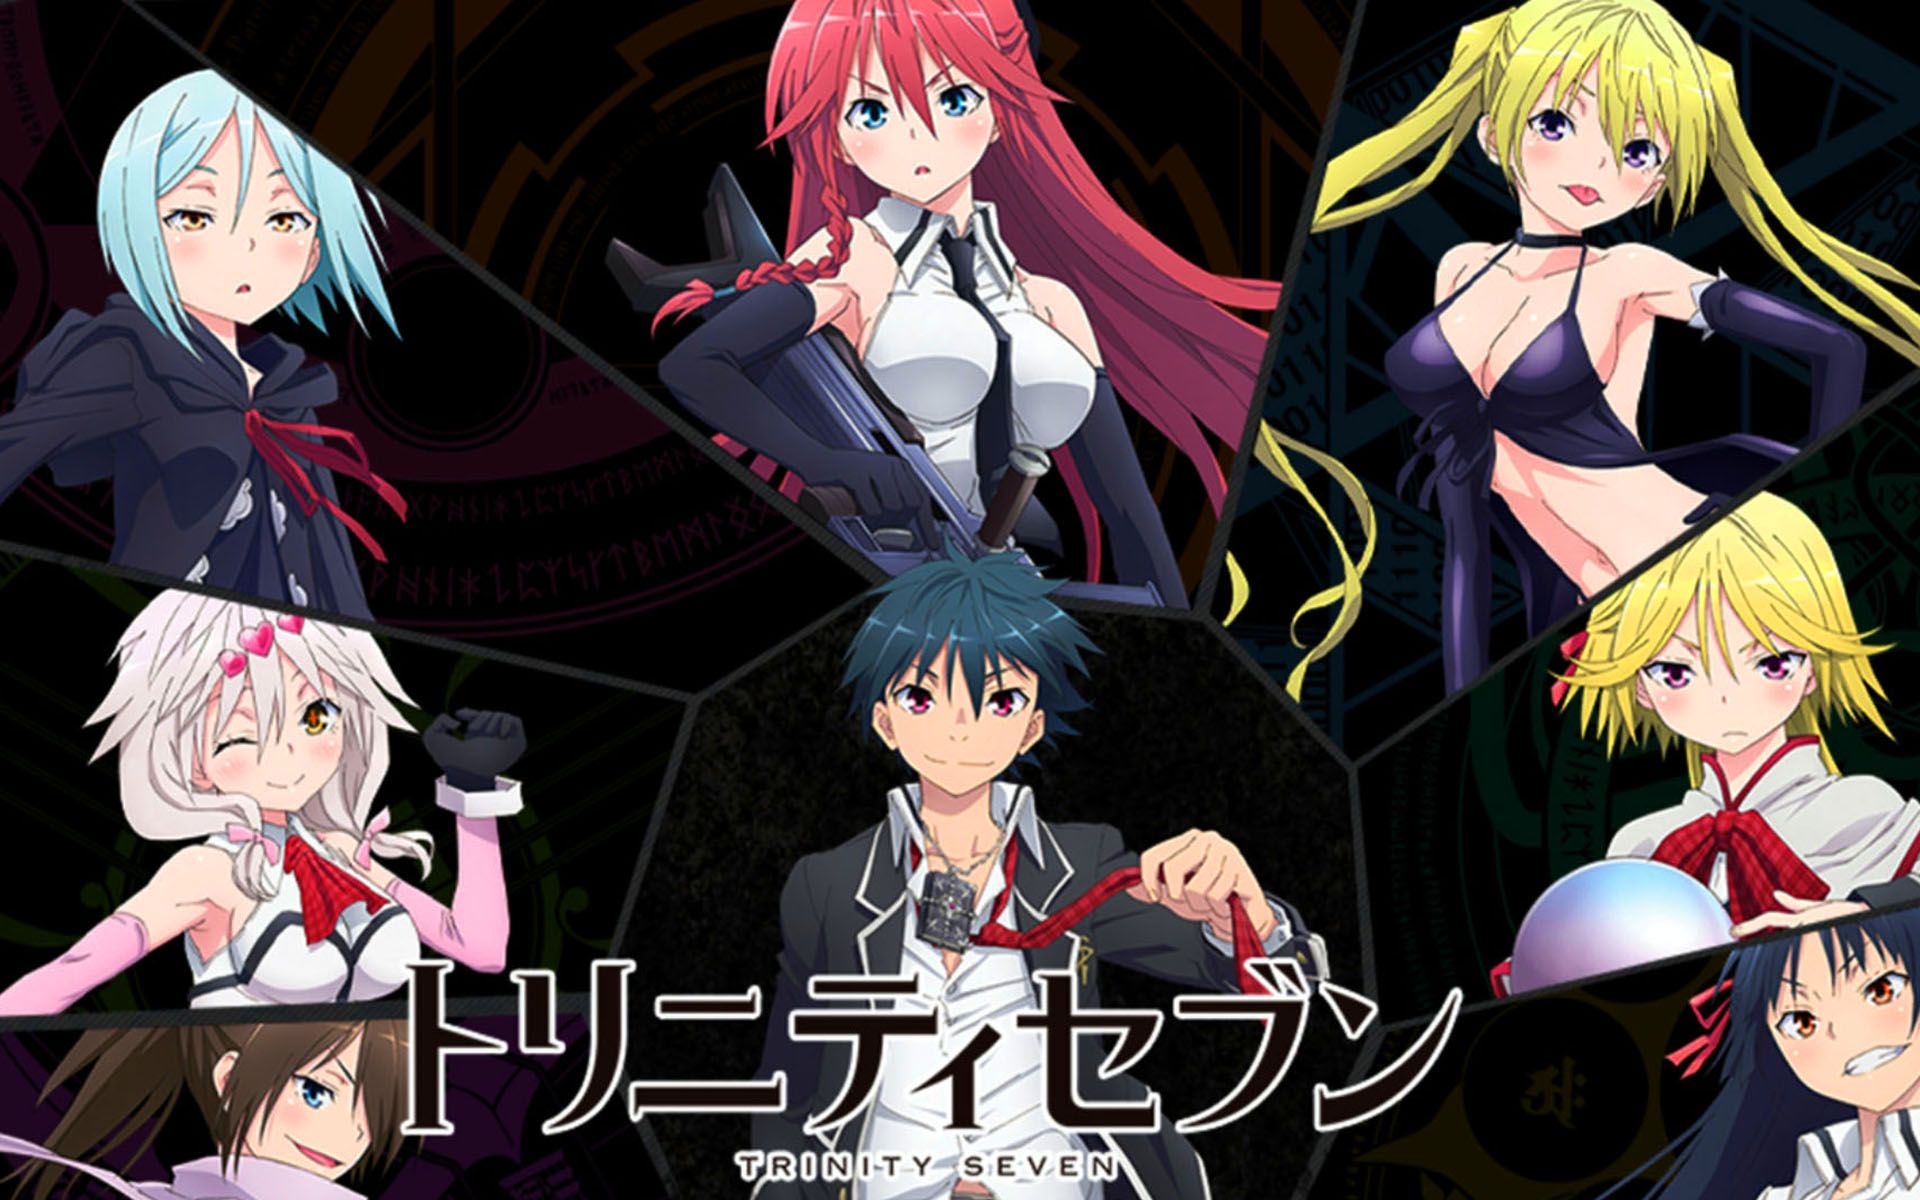 Trinity Seven Anime Wallpaper Seven Anime Anime Y Arte De